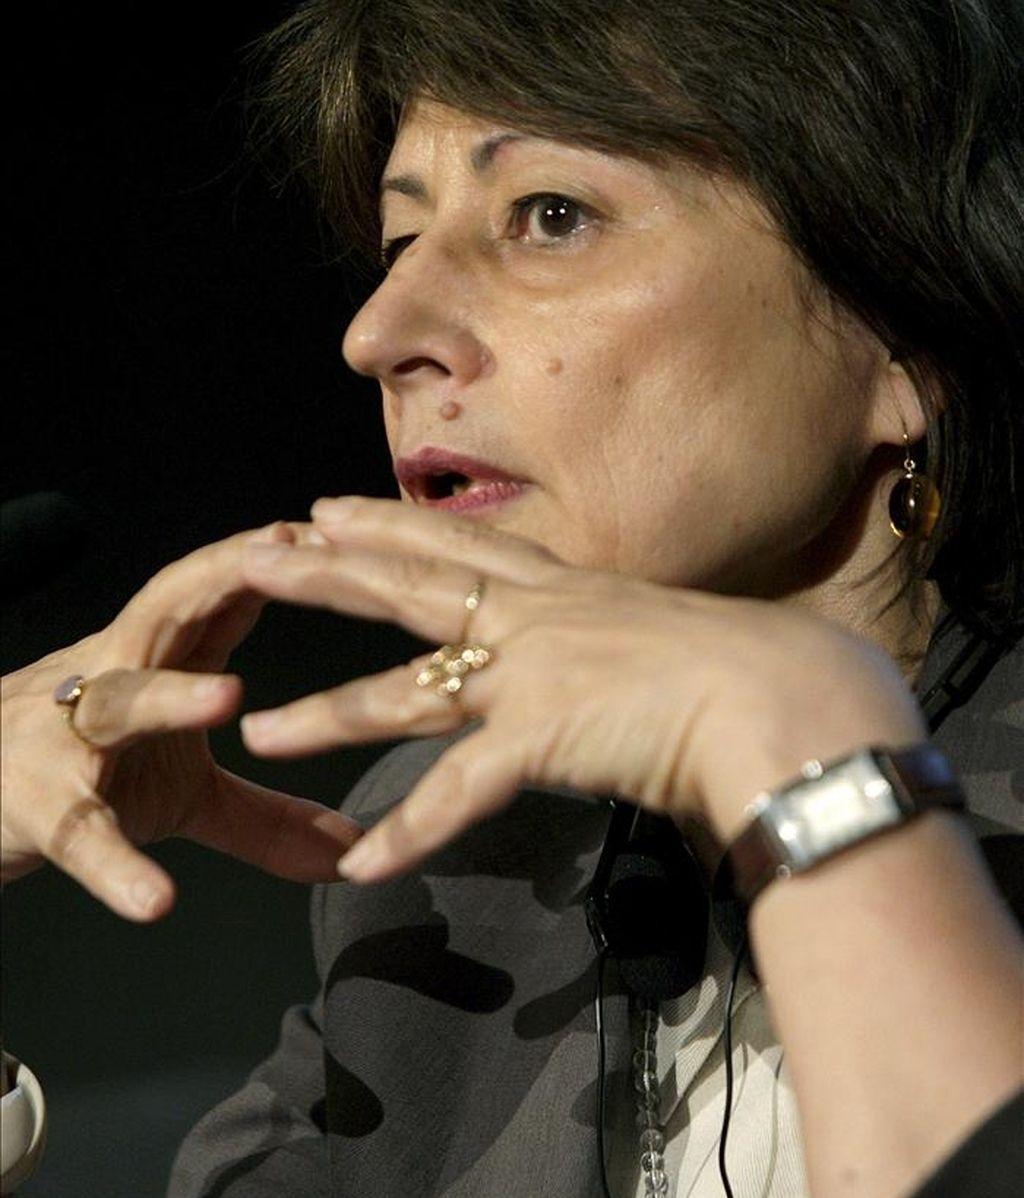 La escritora francesa Catherine Millet, autora de varios libros eróticos de gran venta, durante su participación en el Festival Internacional de las Letras de Bilbao. EFE/Alfredo Aldai